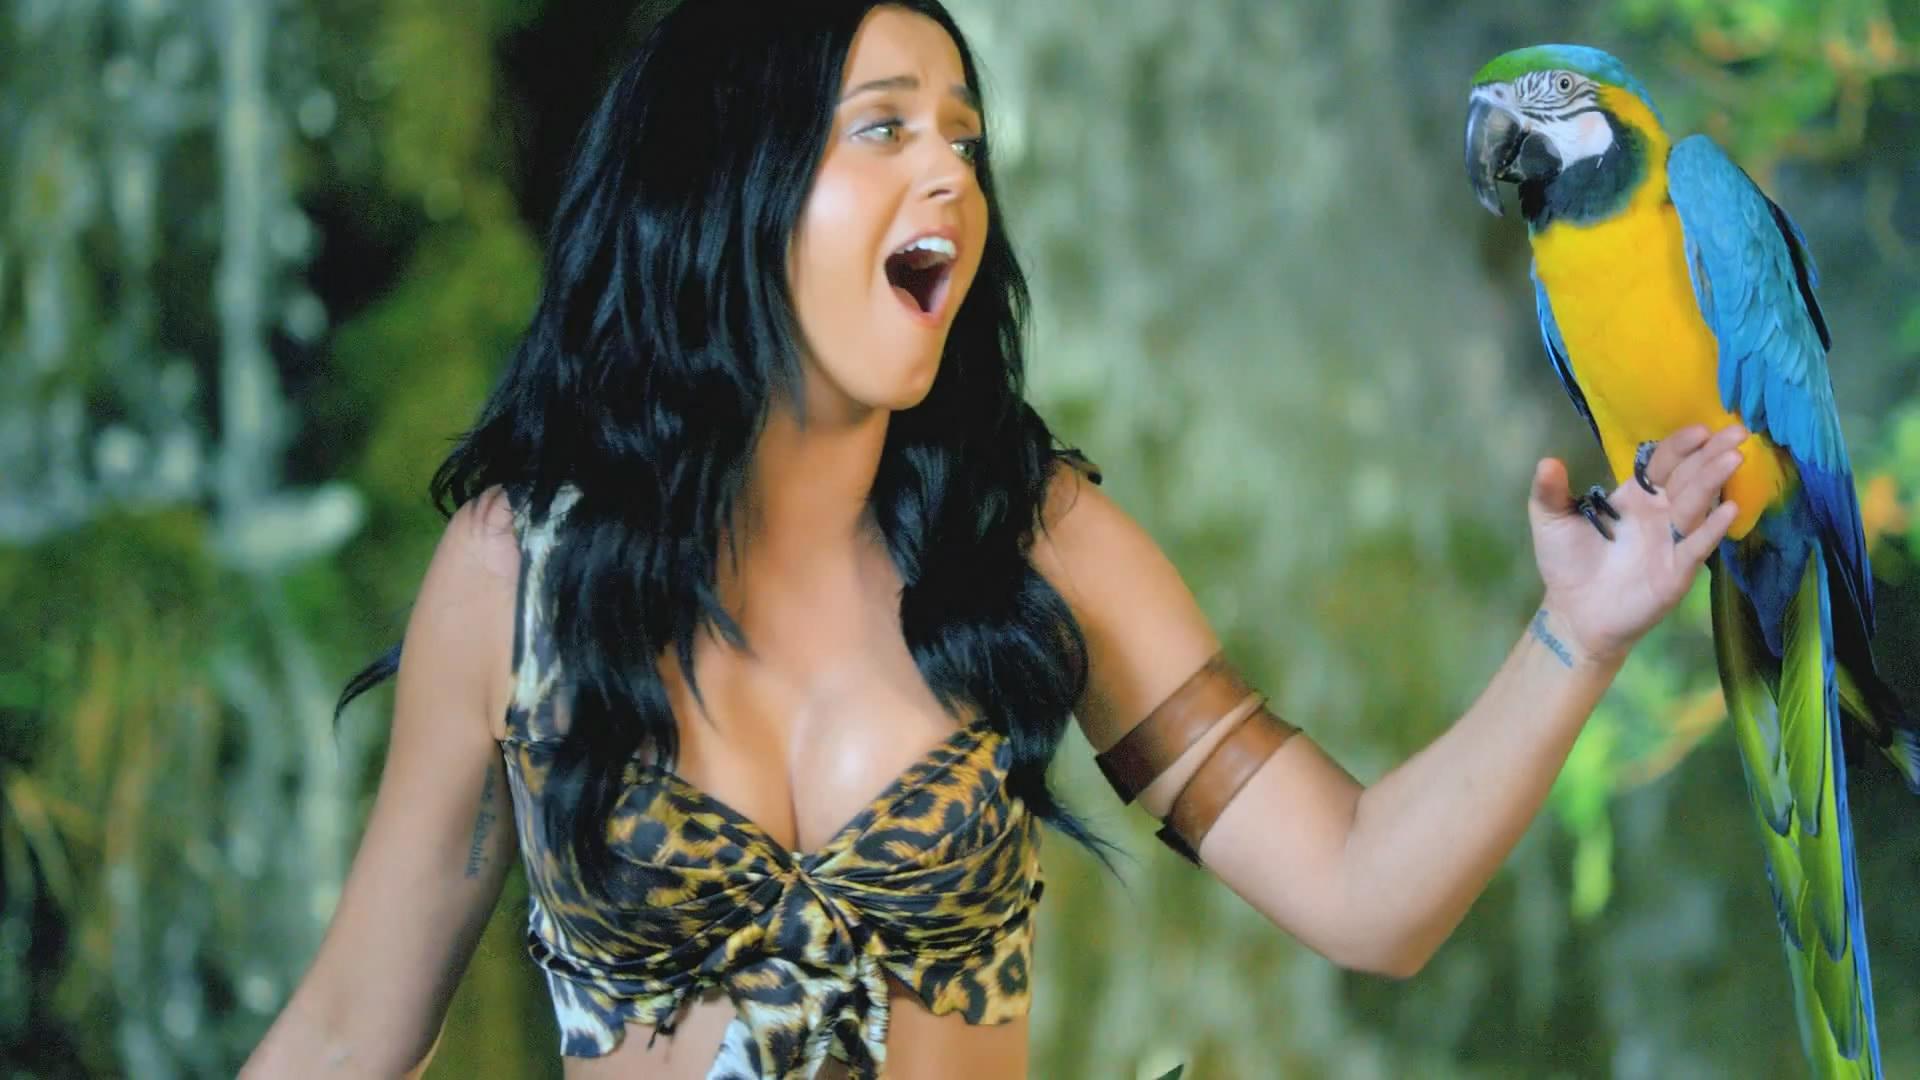 Katy-Perry-Roar-Music-Video-HD--28